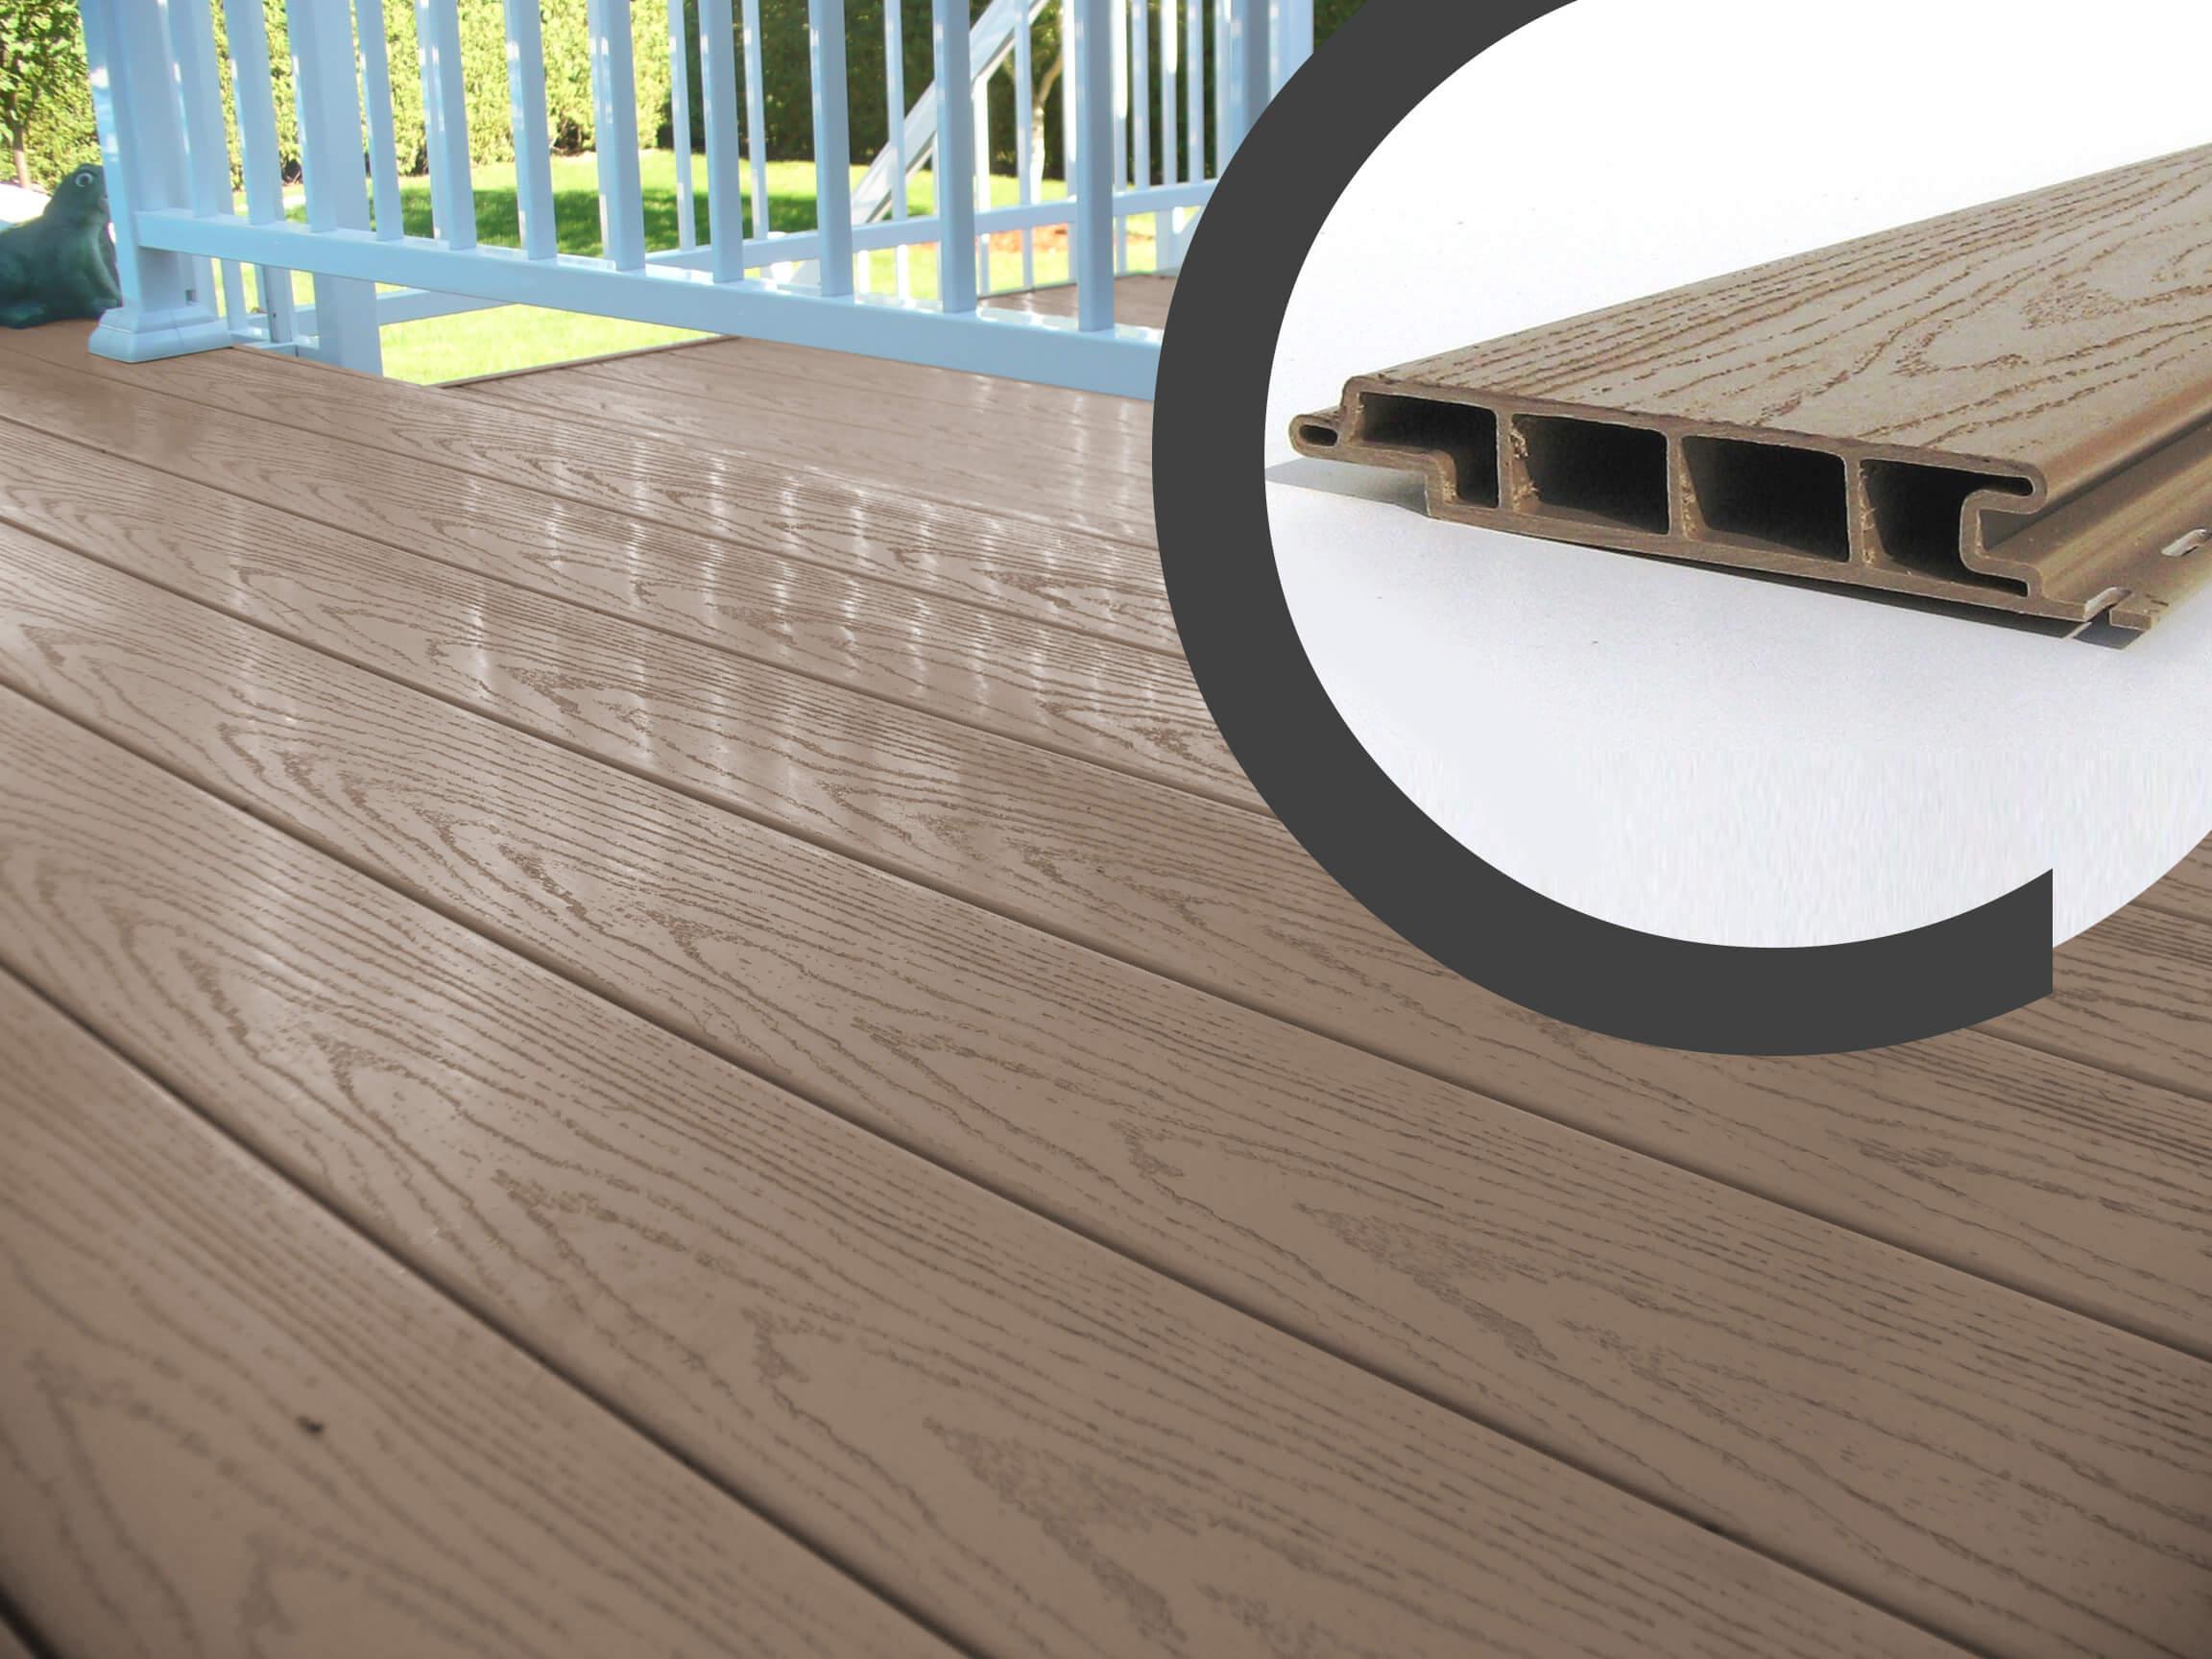 plancher de balcon embouvet 100 pvc cam mat. Black Bedroom Furniture Sets. Home Design Ideas